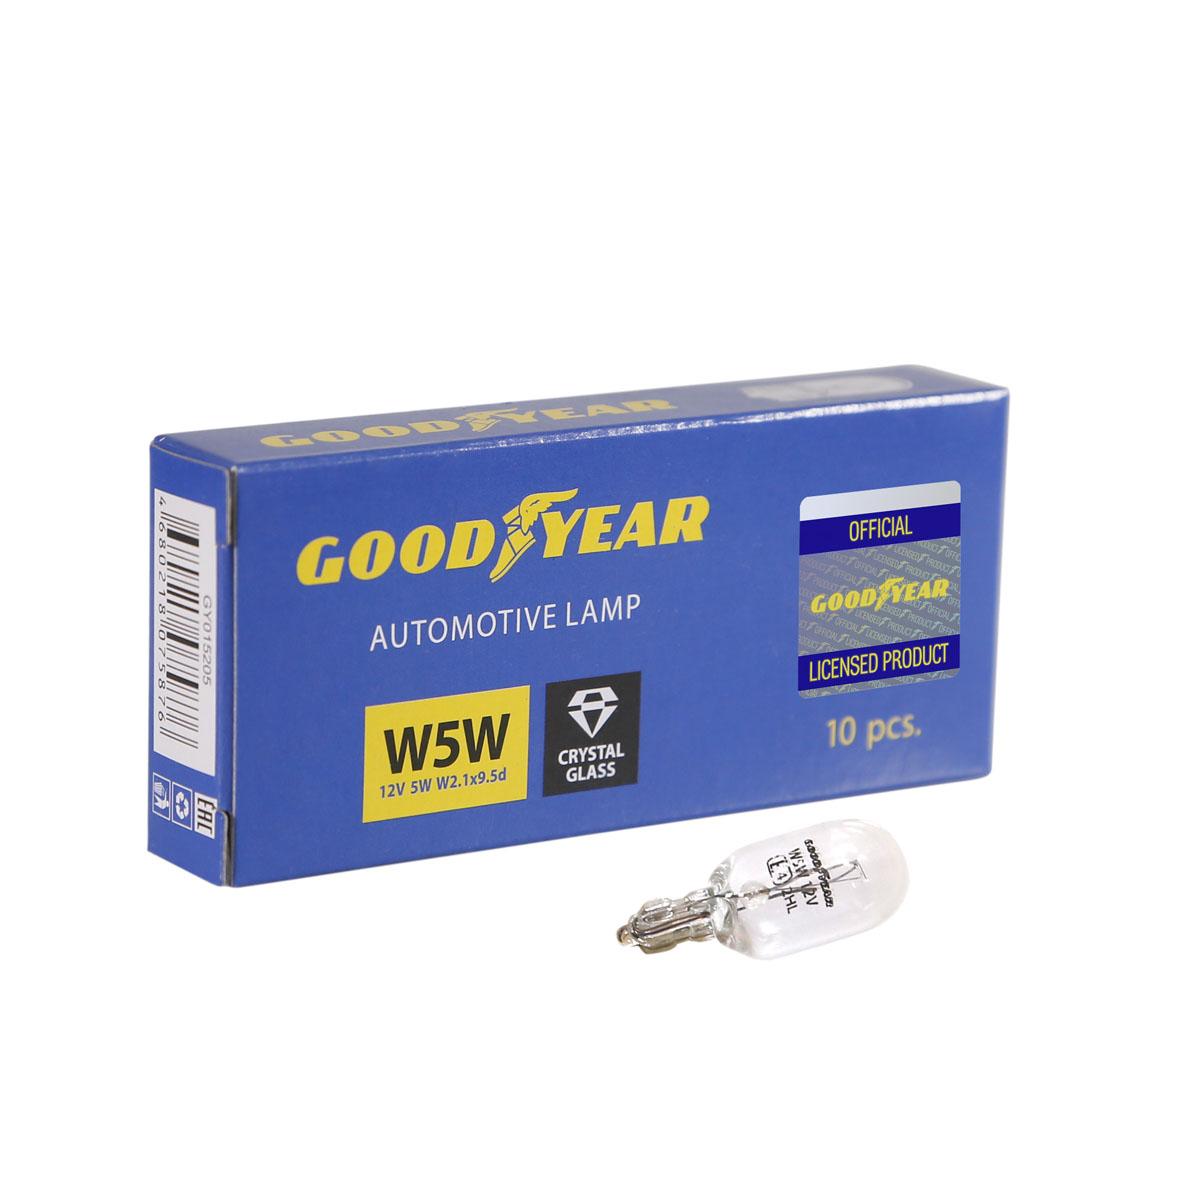 Лампа накаливания автомобильная Goodyear, W5W, 12V, цоколь W2.1x9.5d, 5W, 10 шт автомобильная лампа w5w 5w standart 2 шт philips